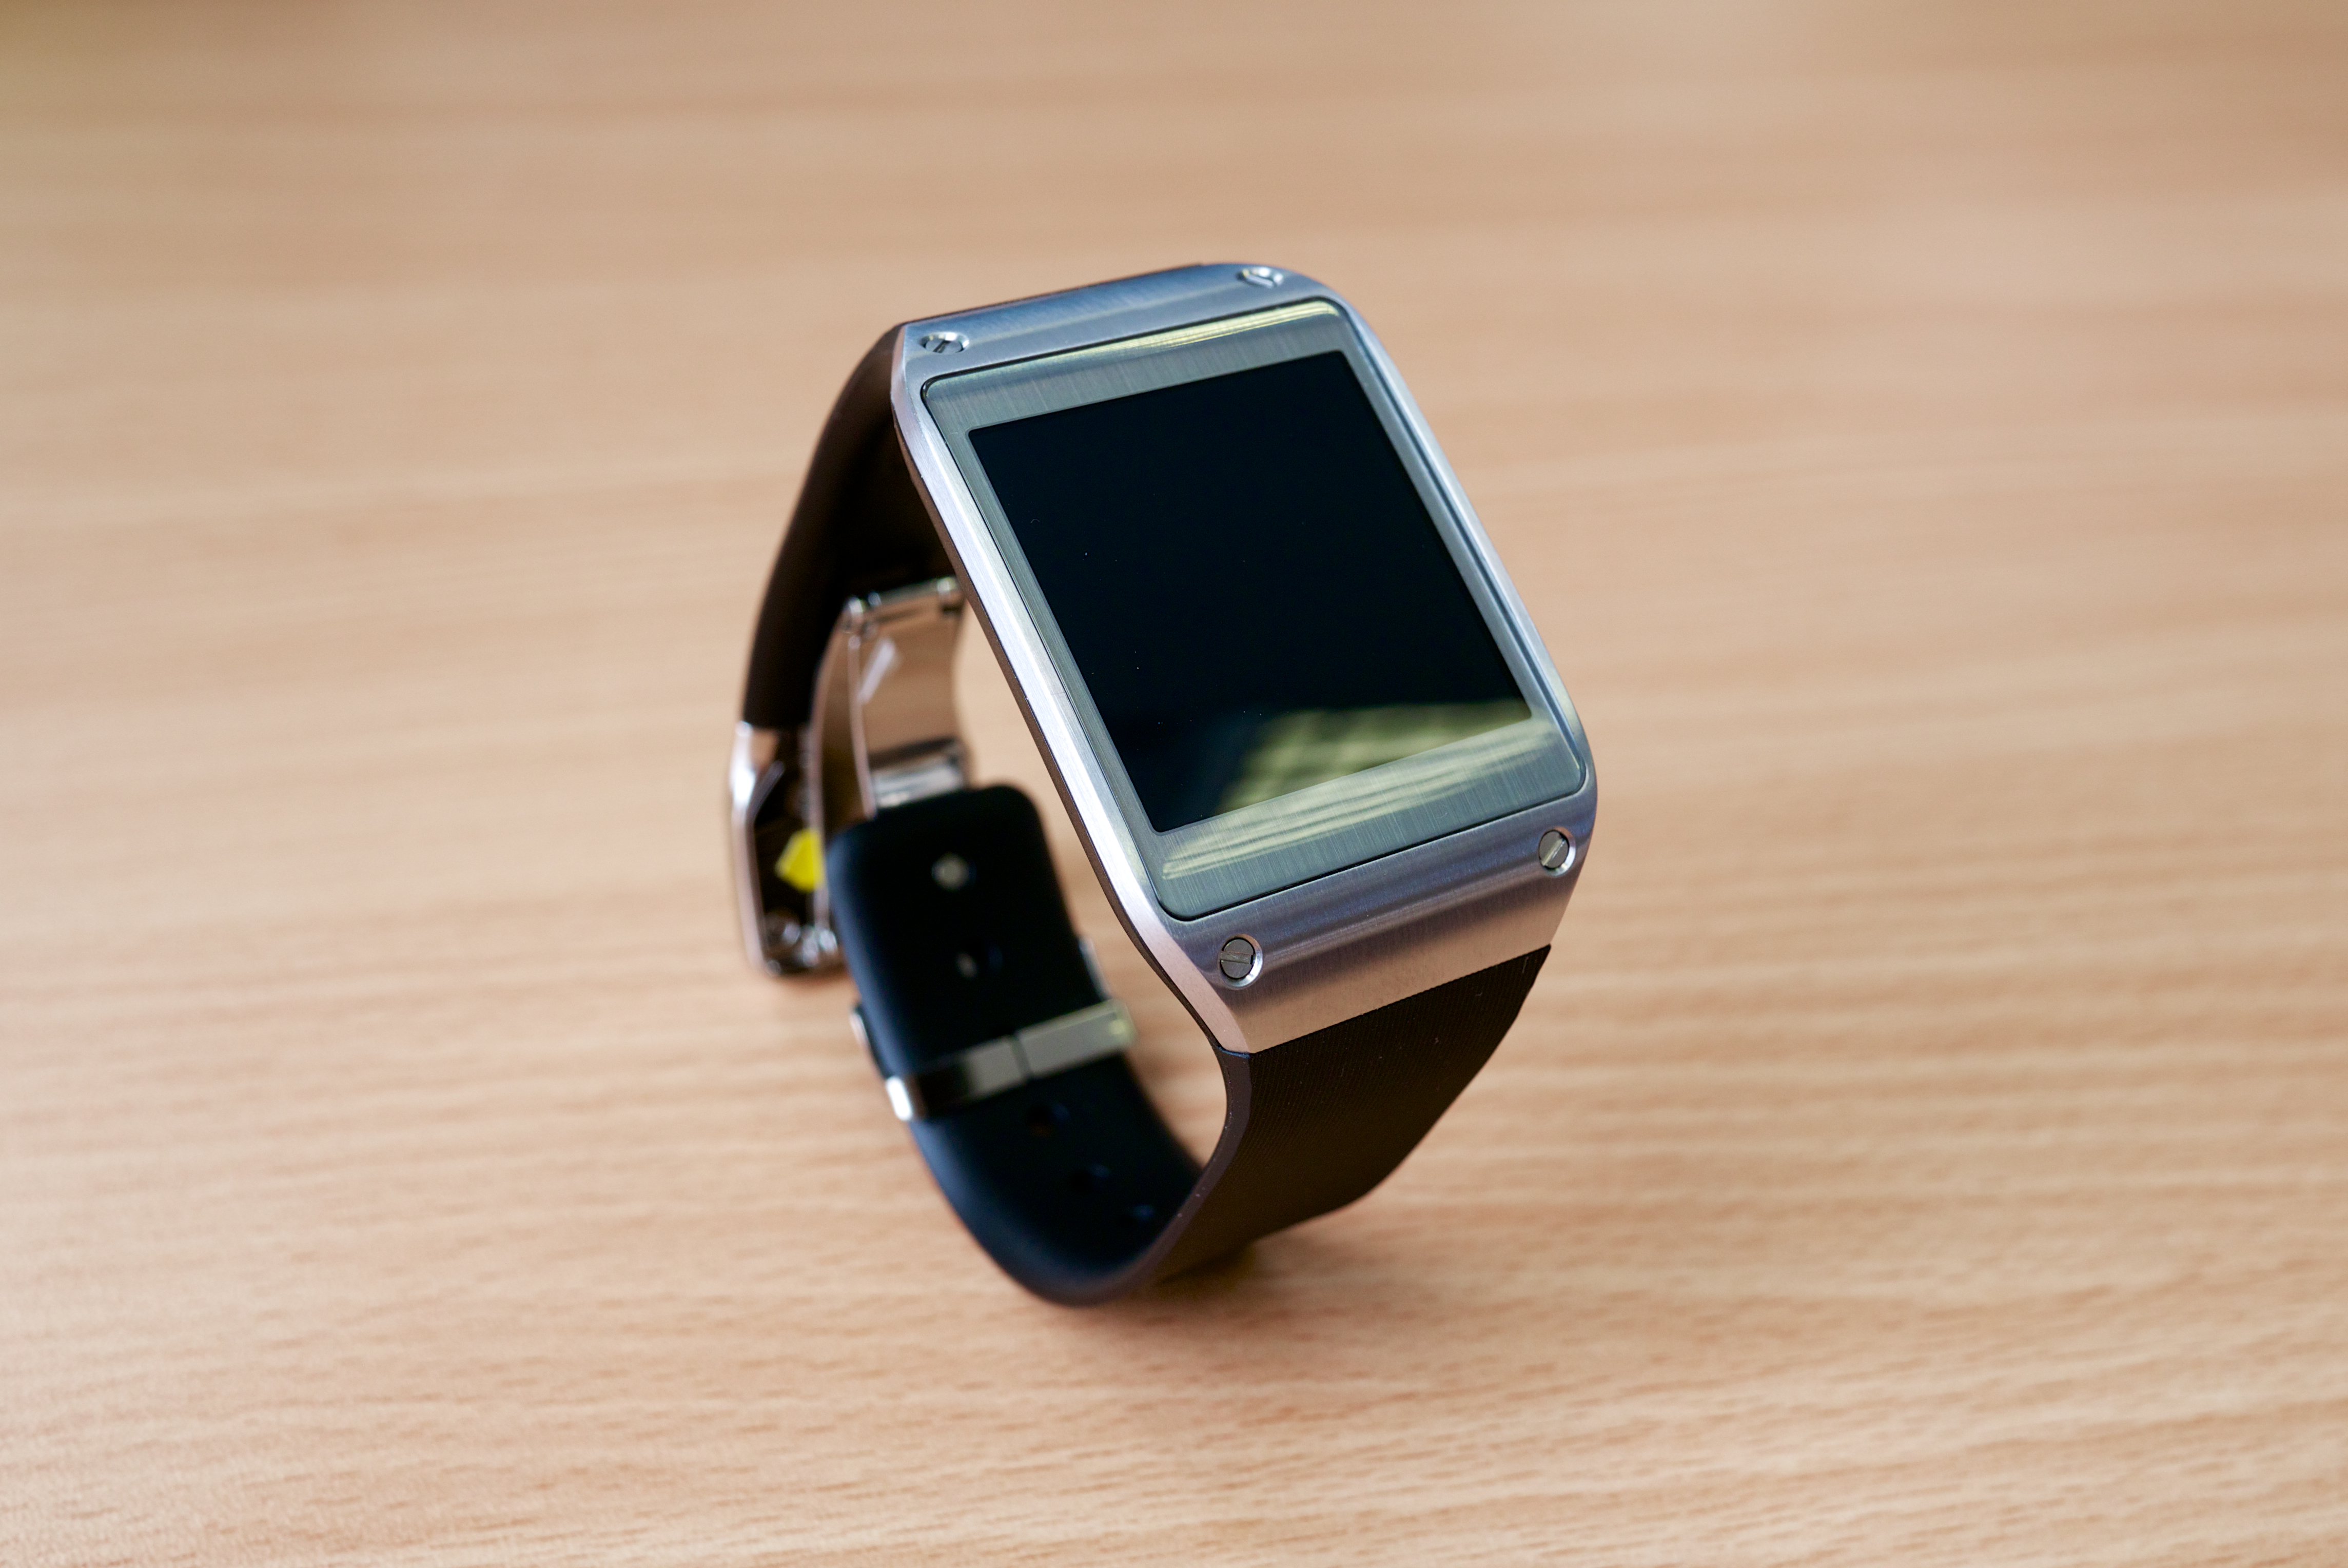 Samsung Gear - Wikipedia